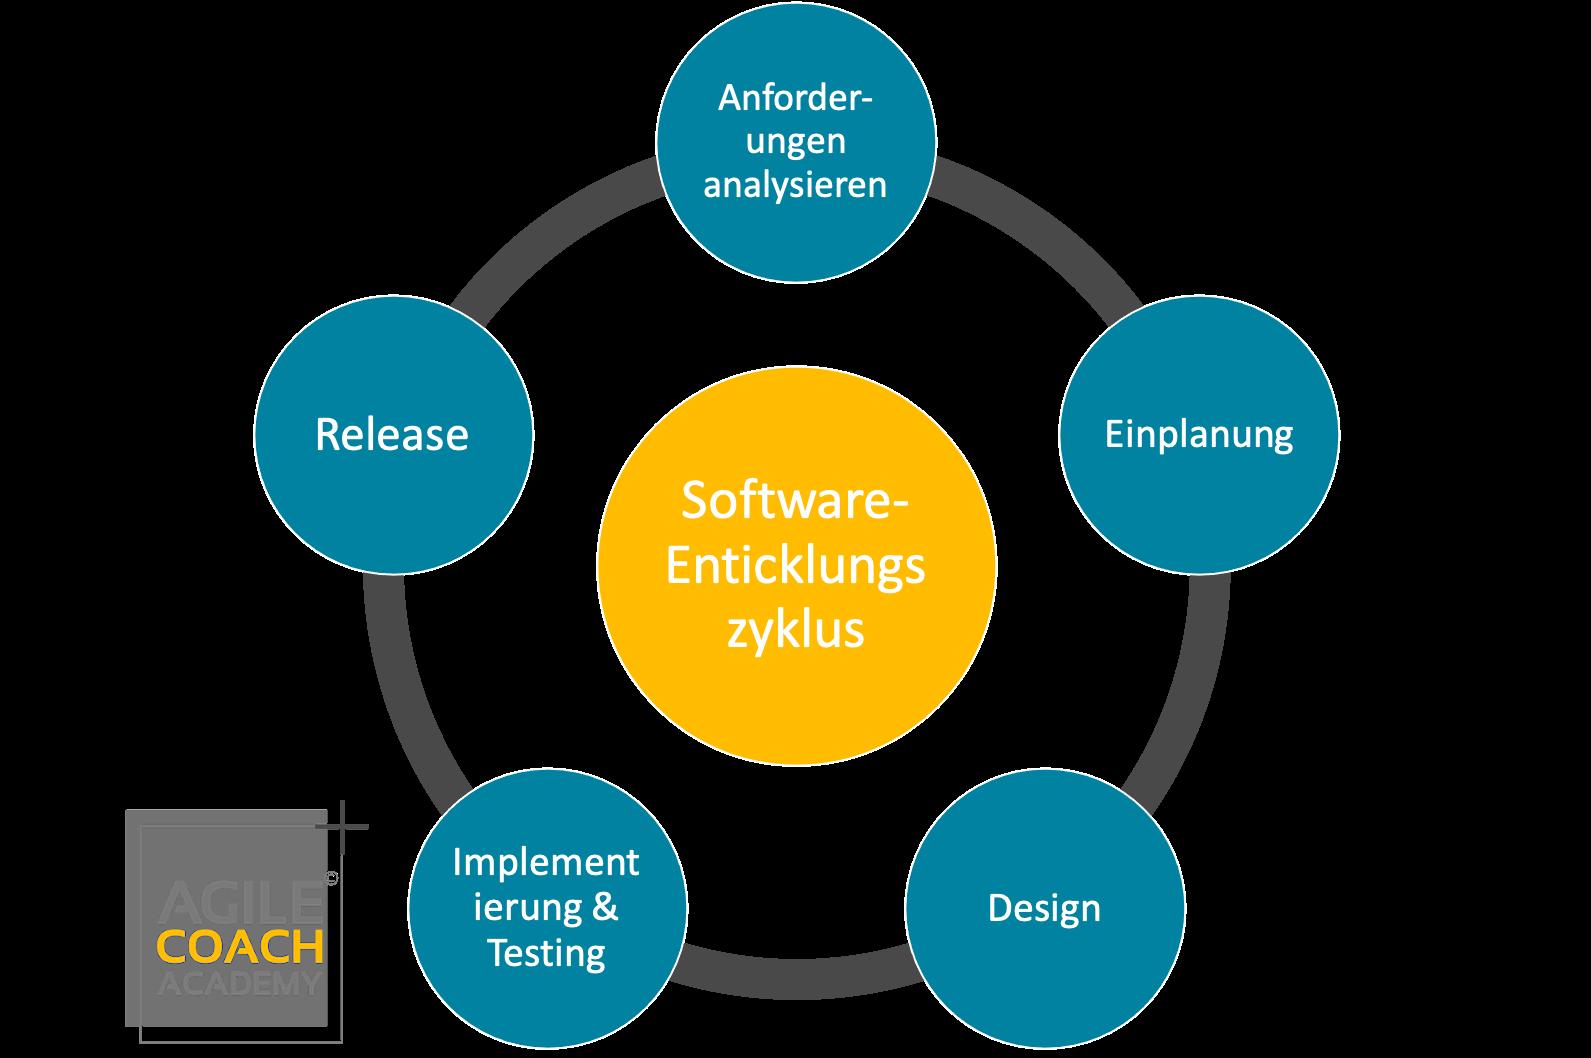 Softwareentwicklungszyklus